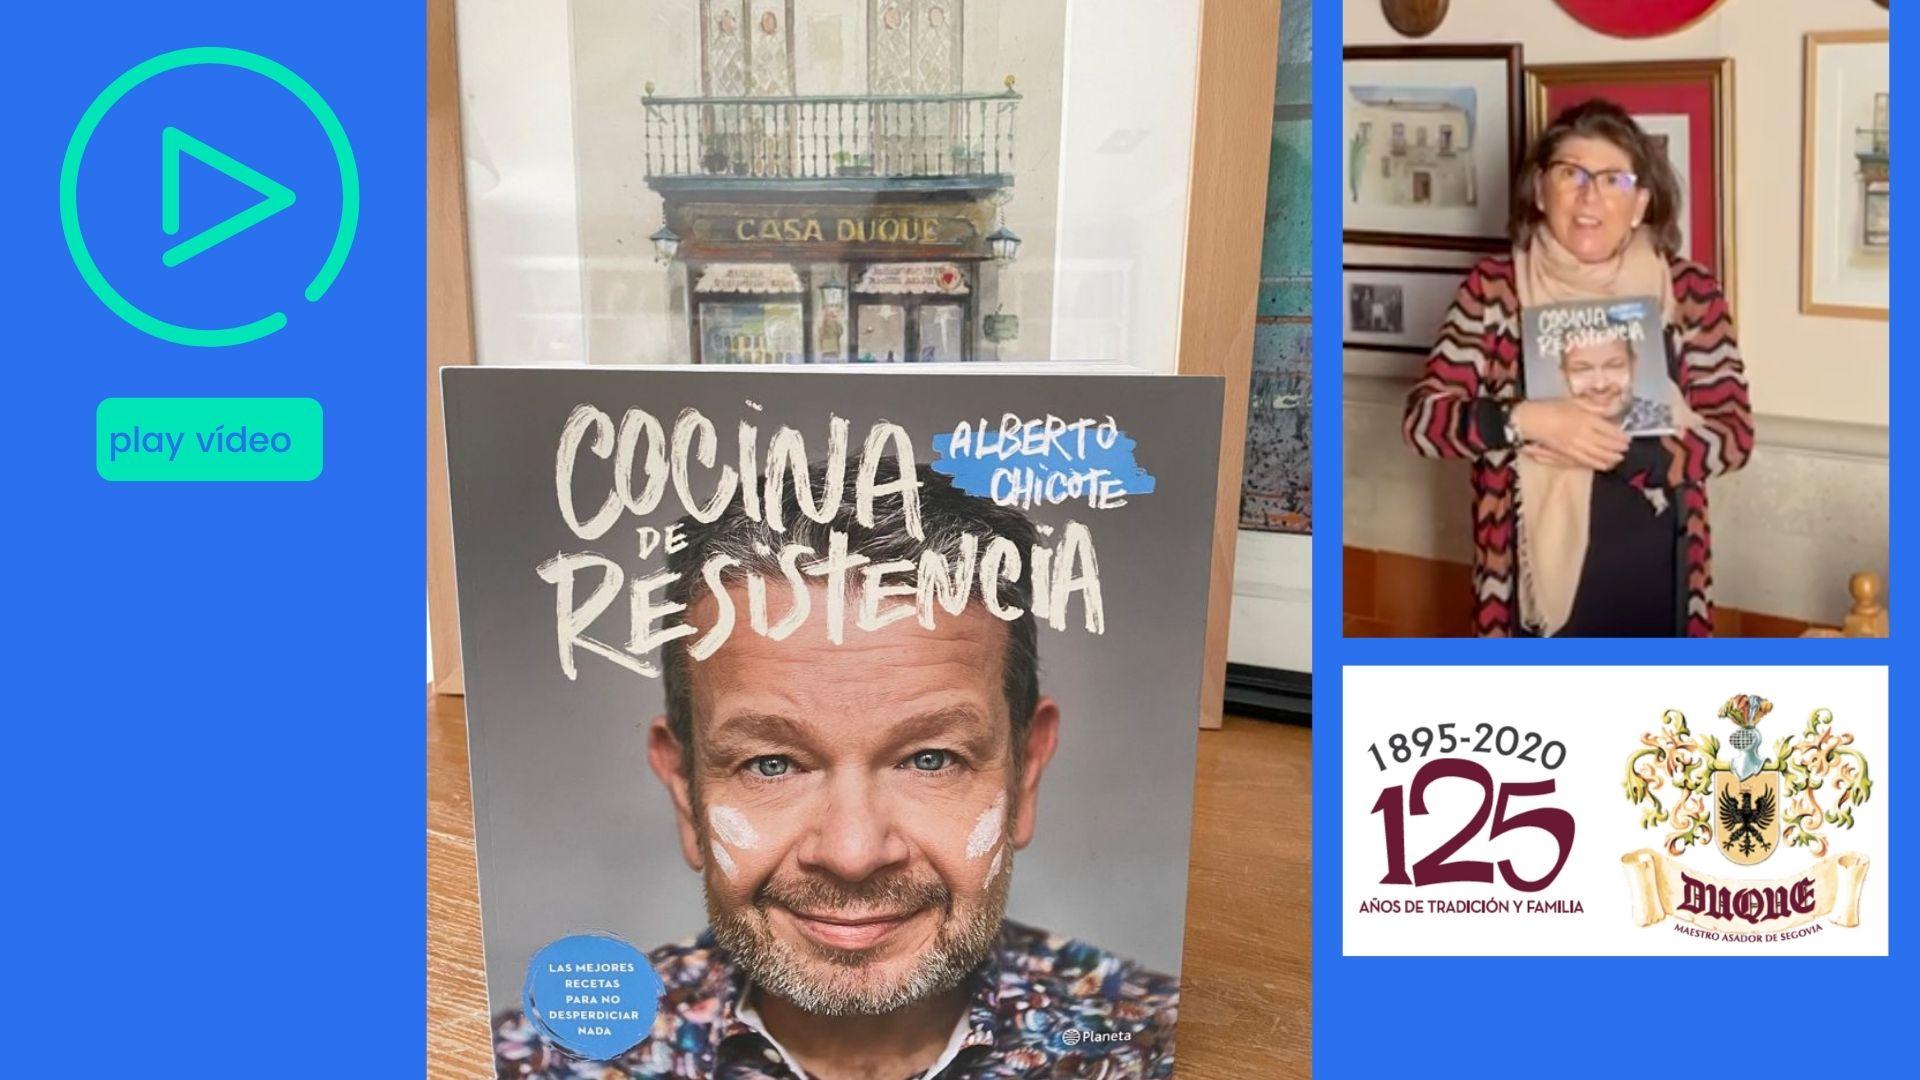 Resistiremos juntos con la cocina de Alberto Chicote y Casa Duque